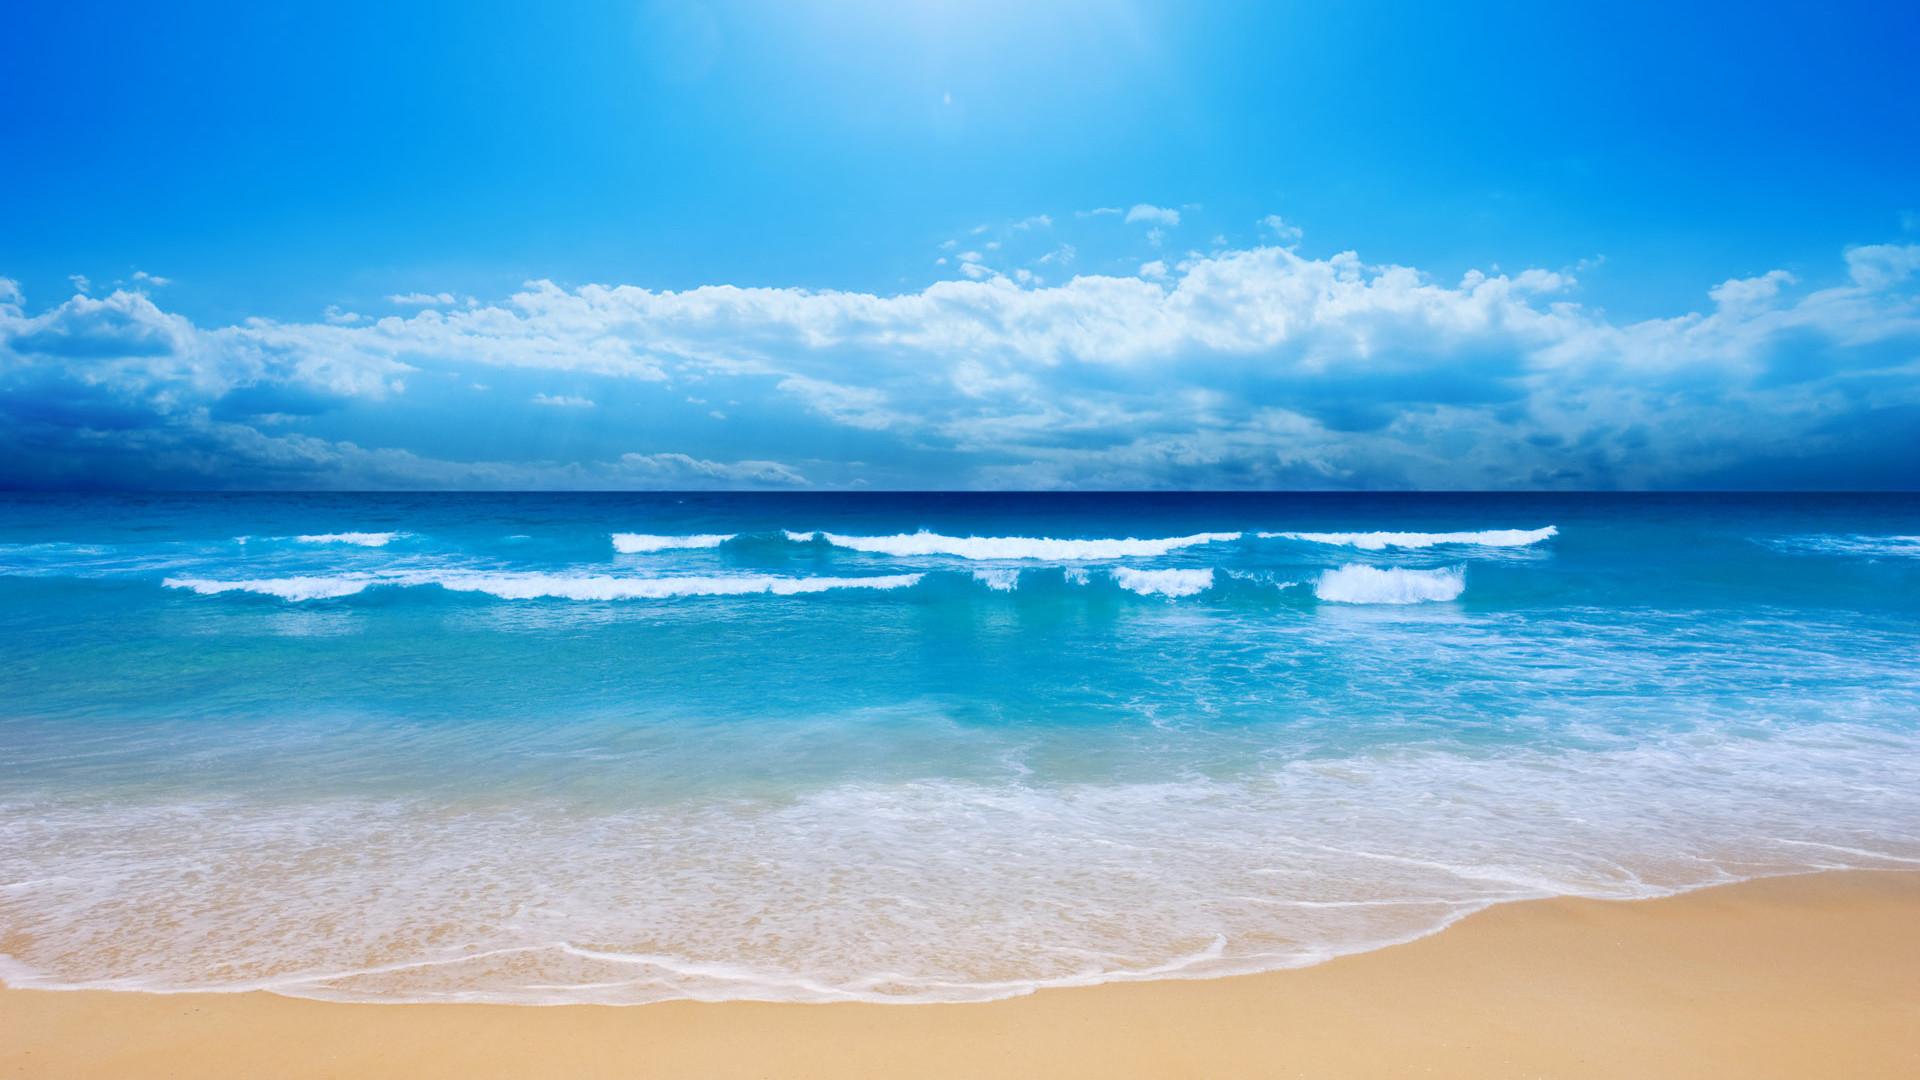 Small Sea Wave HDTV 1080p